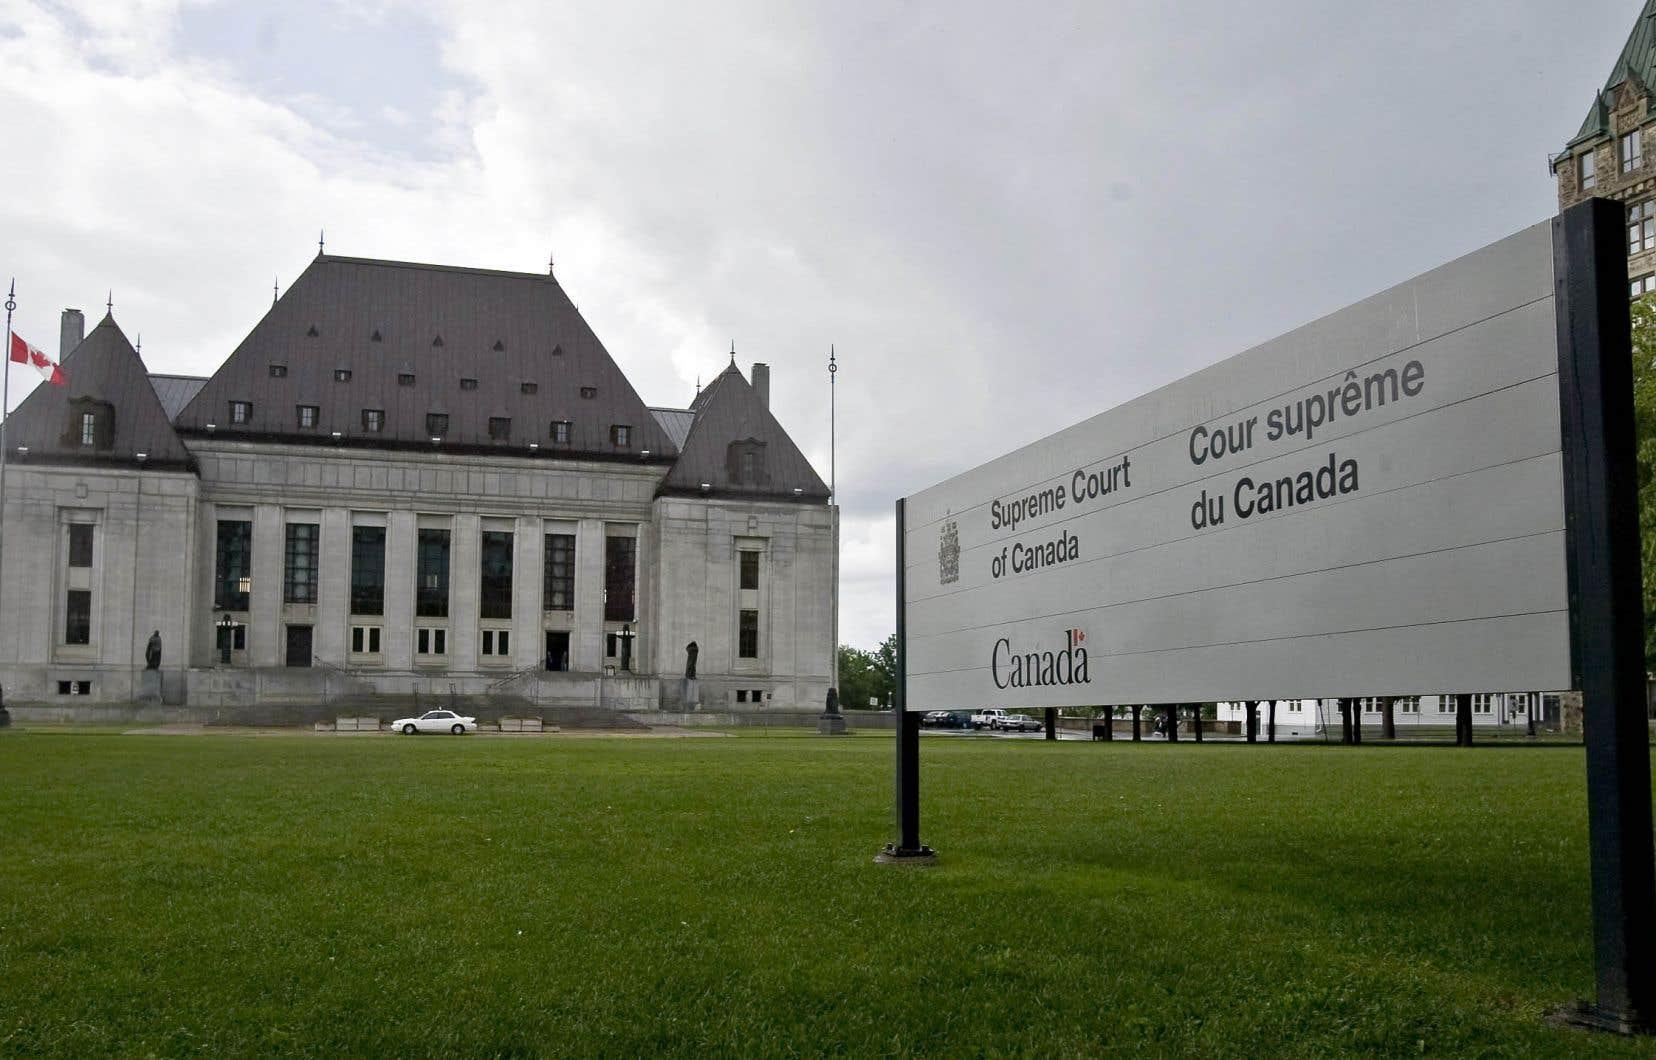 «Le premier ministre s'est engagé à sélectionner le futur juge de la Cour suprême parmi les candidats qui seront sélectionnés par le Comité», a rappelé Mme Sonia LeBel.